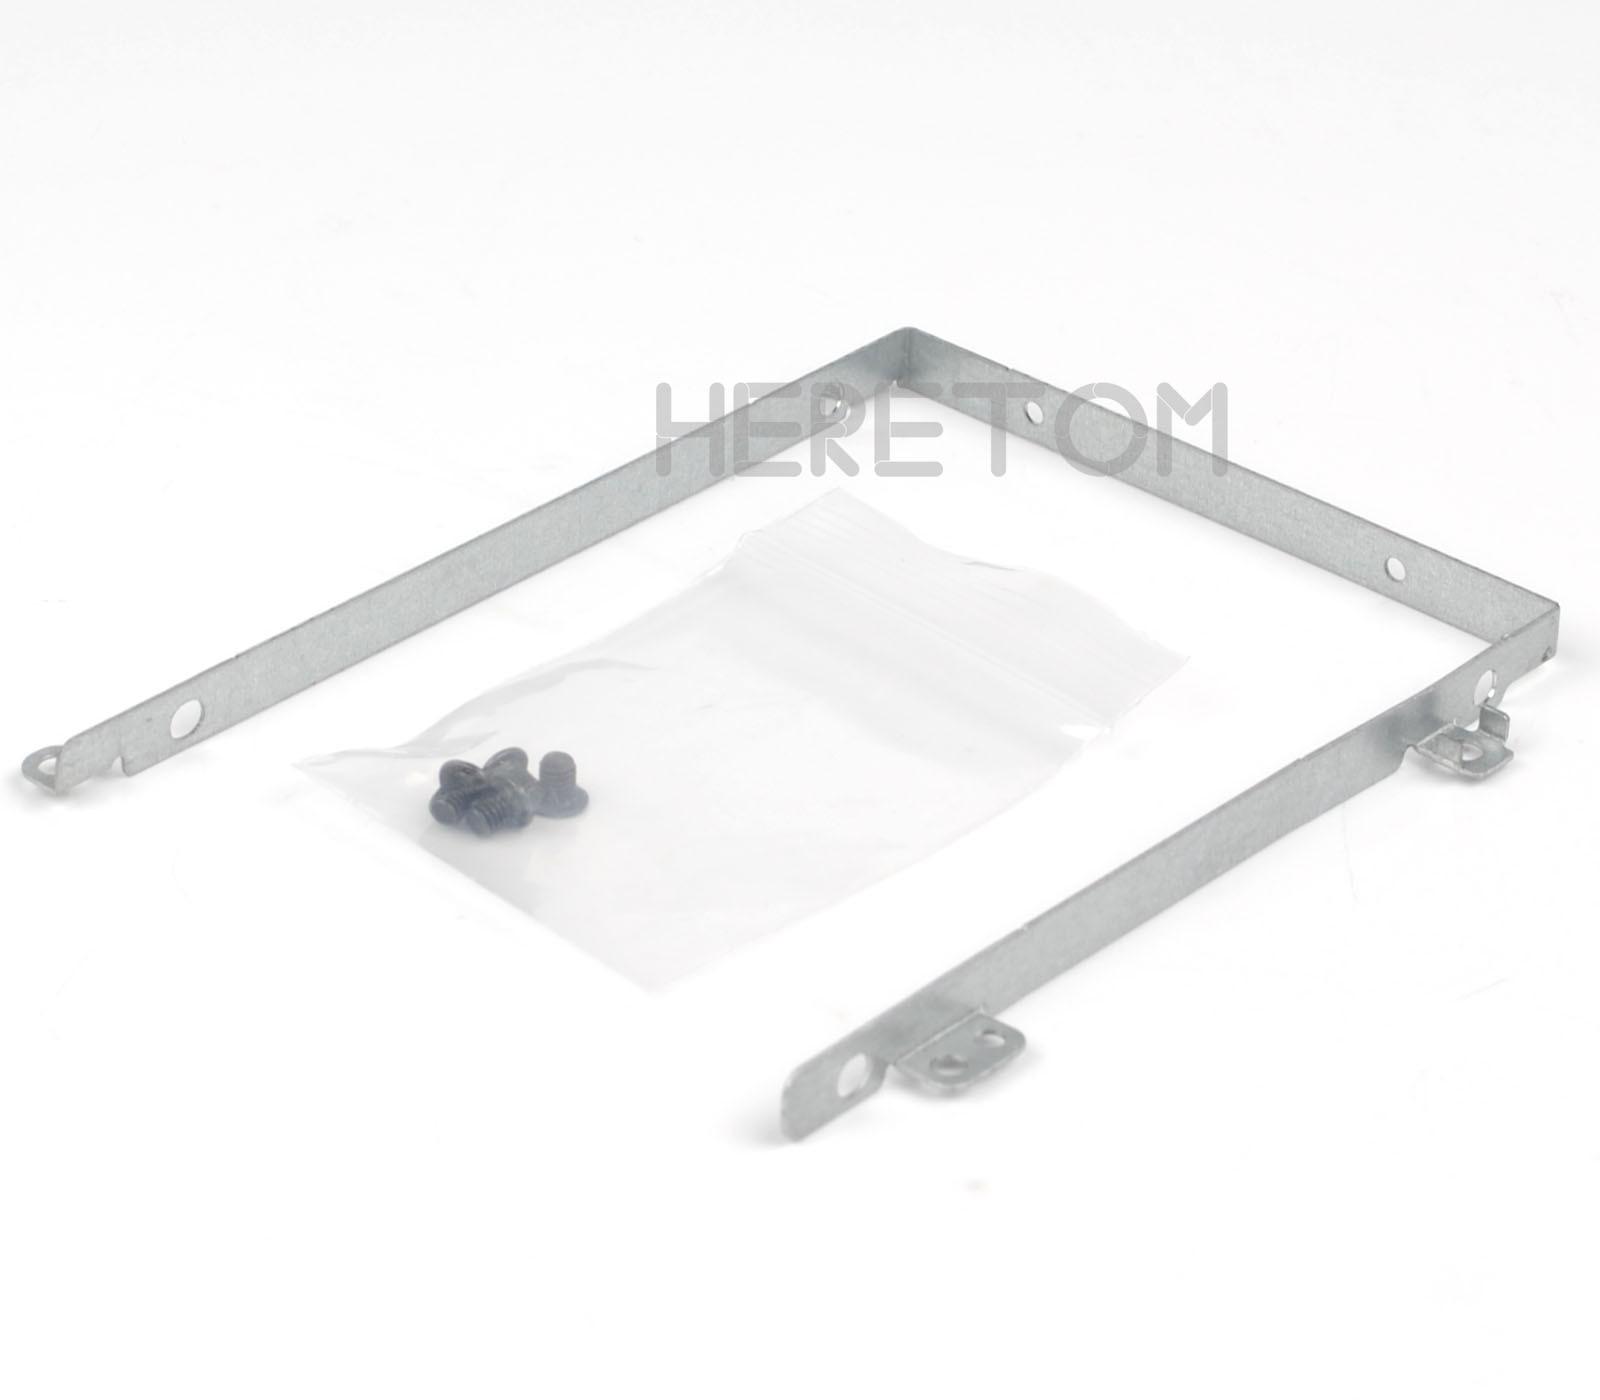 Heretom Hard Drive/Disk HDD Bracket Caddy 21YWY For DELL M3800 XPS15 L522X 9530 021YWY  W/screws